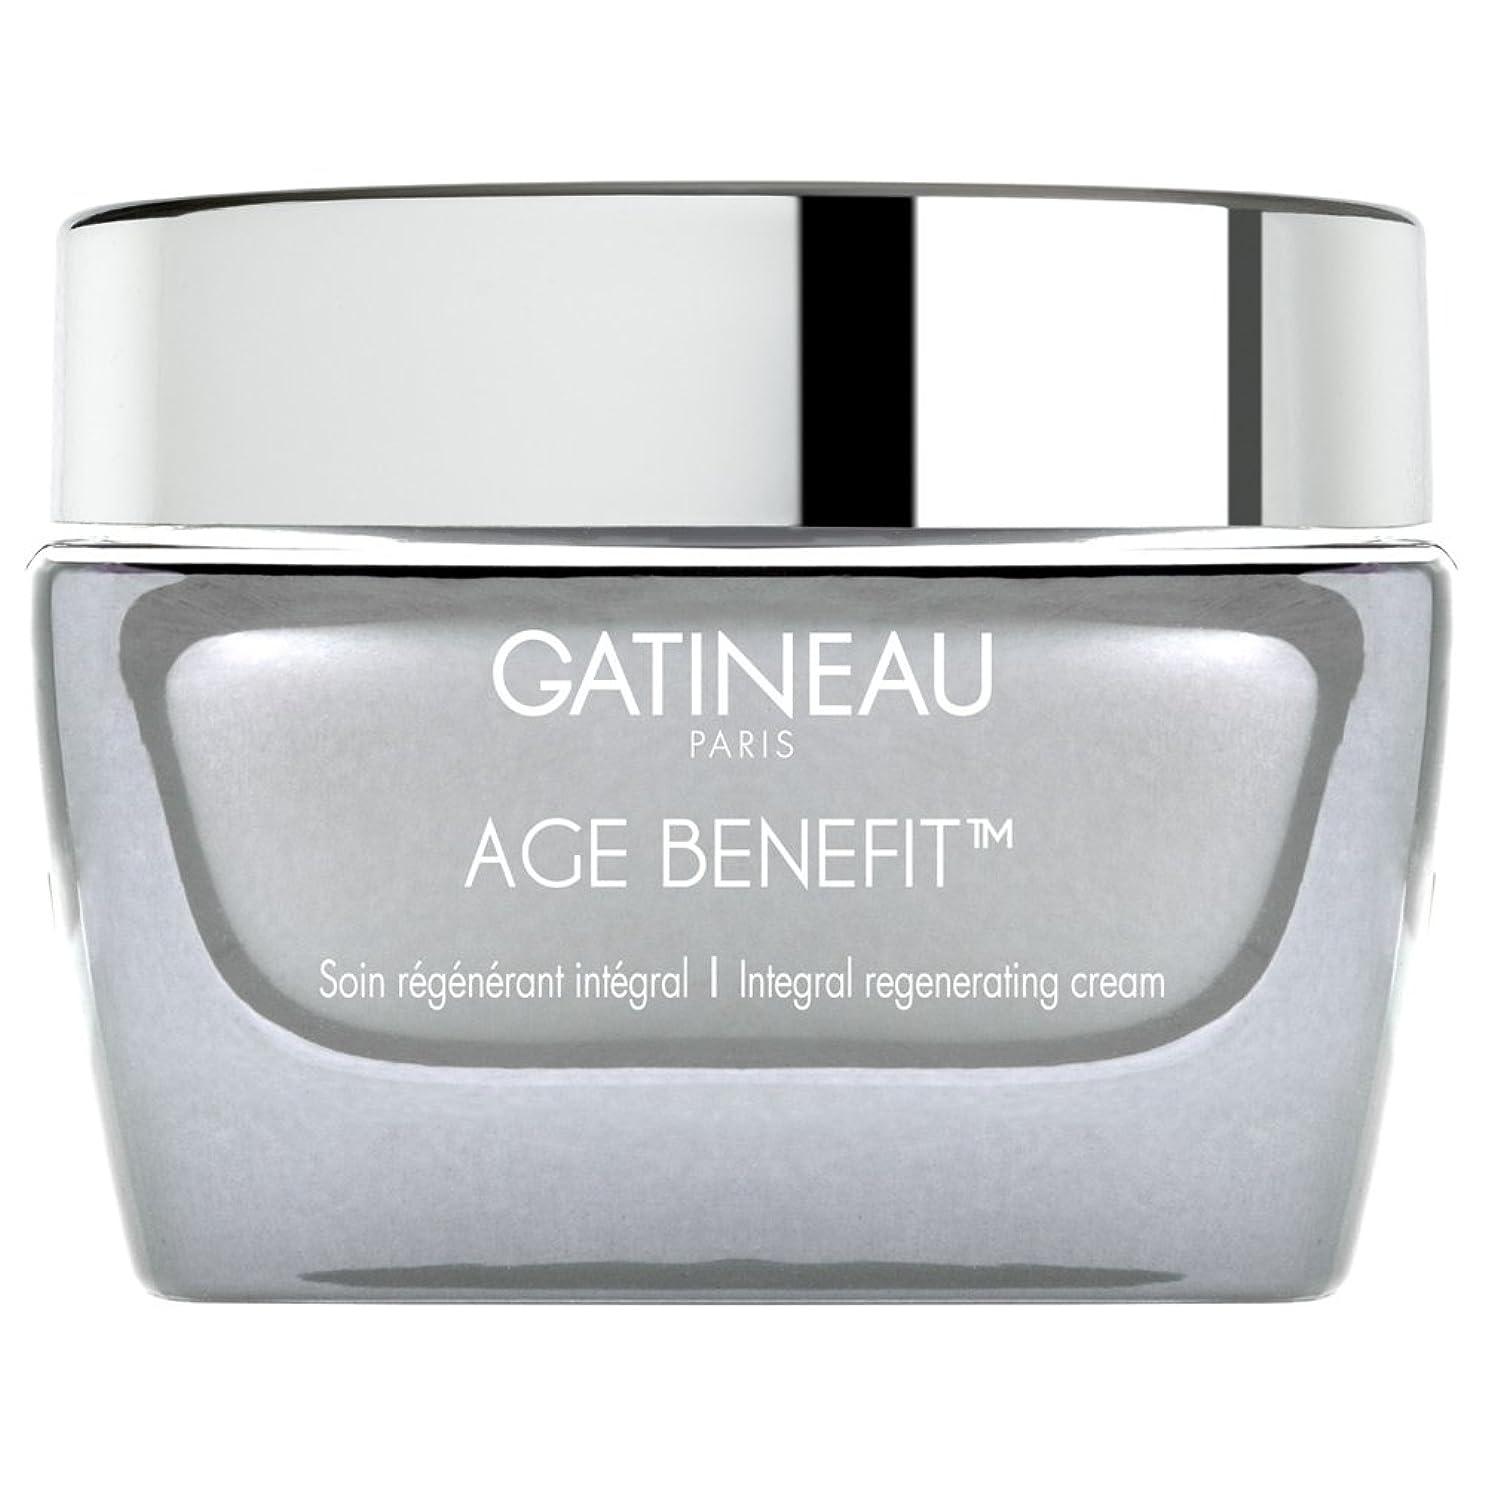 レンドペン徴収クリームを再生ガティノー年齢給付、50ミリリットル (Gatineau) (x6) - Gatineau Age Benefit Regenerating Cream, 50ml (Pack of 6) [並行輸入品]